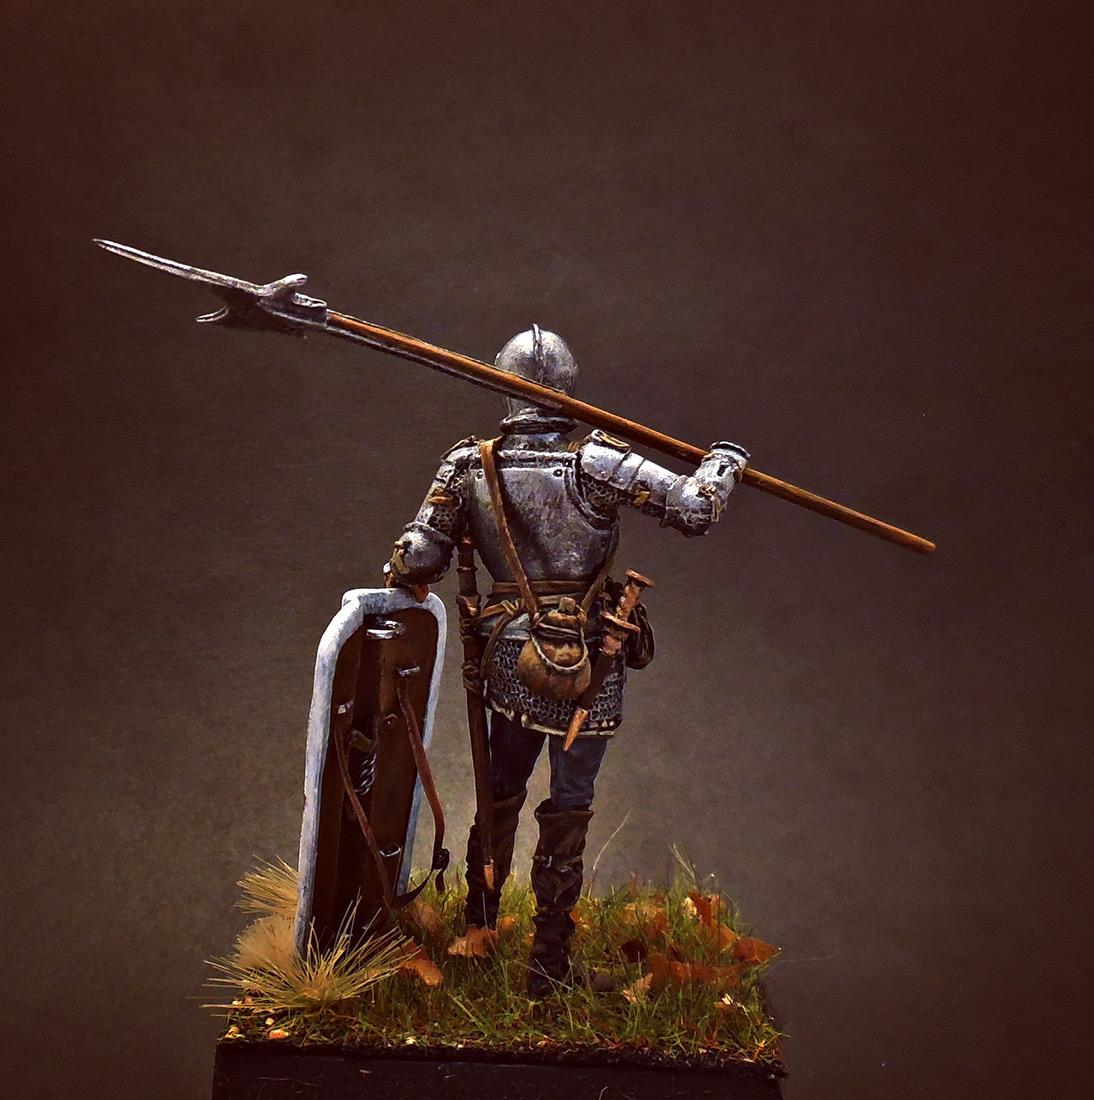 Figures: European soldier with halberd, 1510-25, photo #2